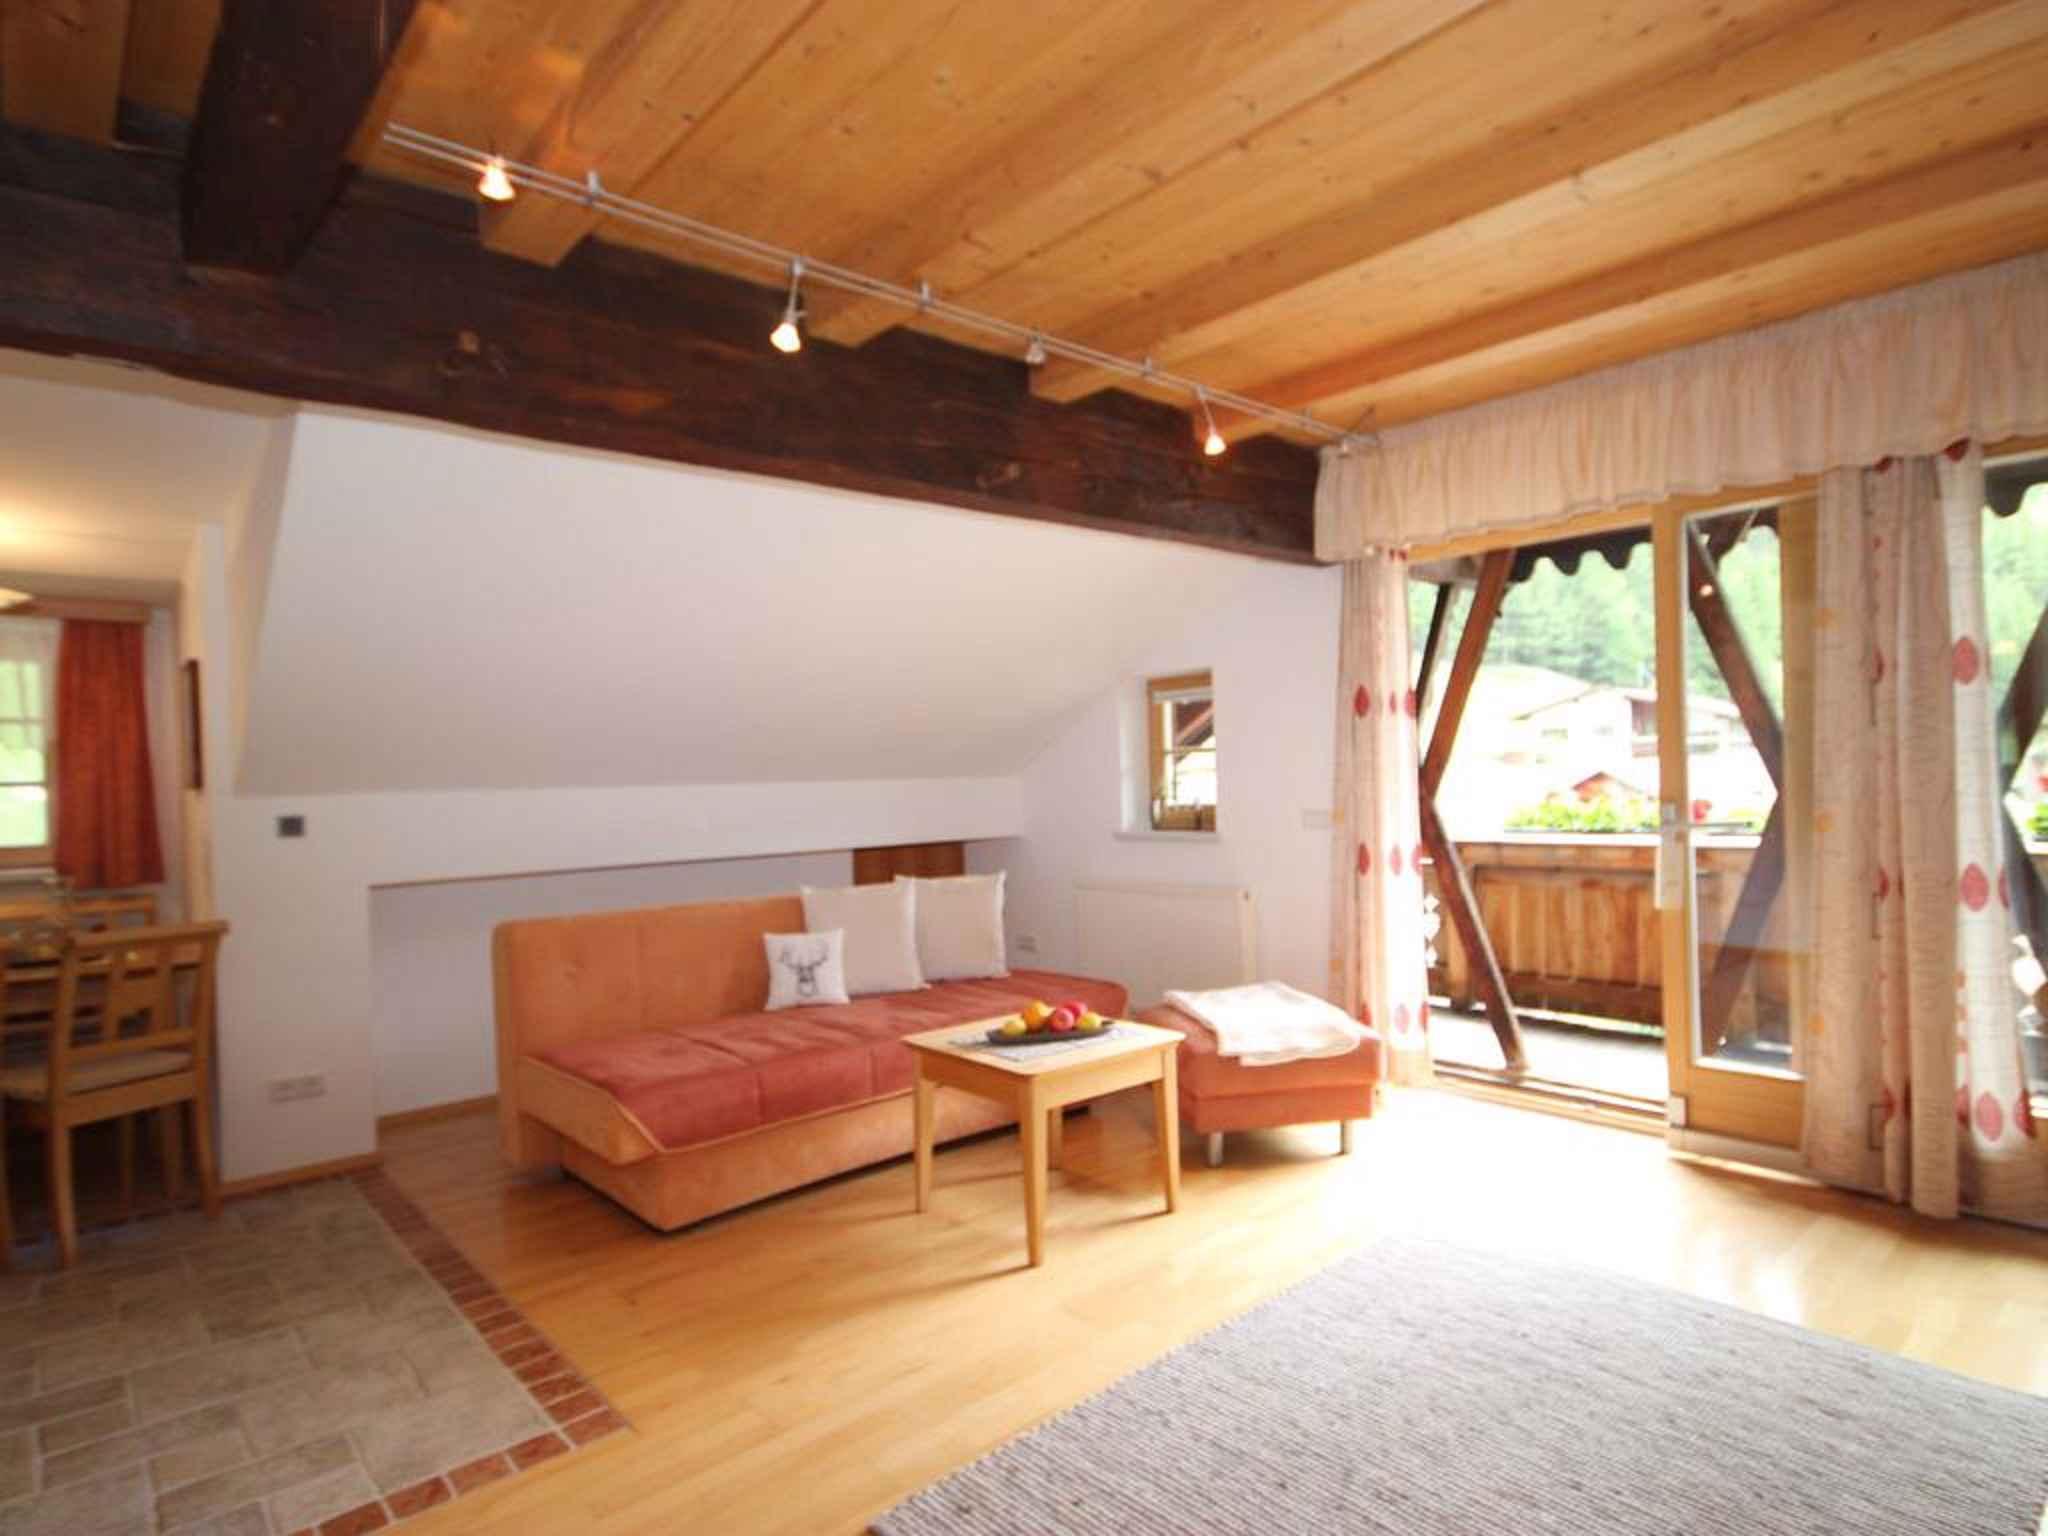 Ferienwohnung in einem über 300 Jahre alten Holzhaus (283707), Sölden (AT), Ötztal, Tirol, Österreich, Bild 23